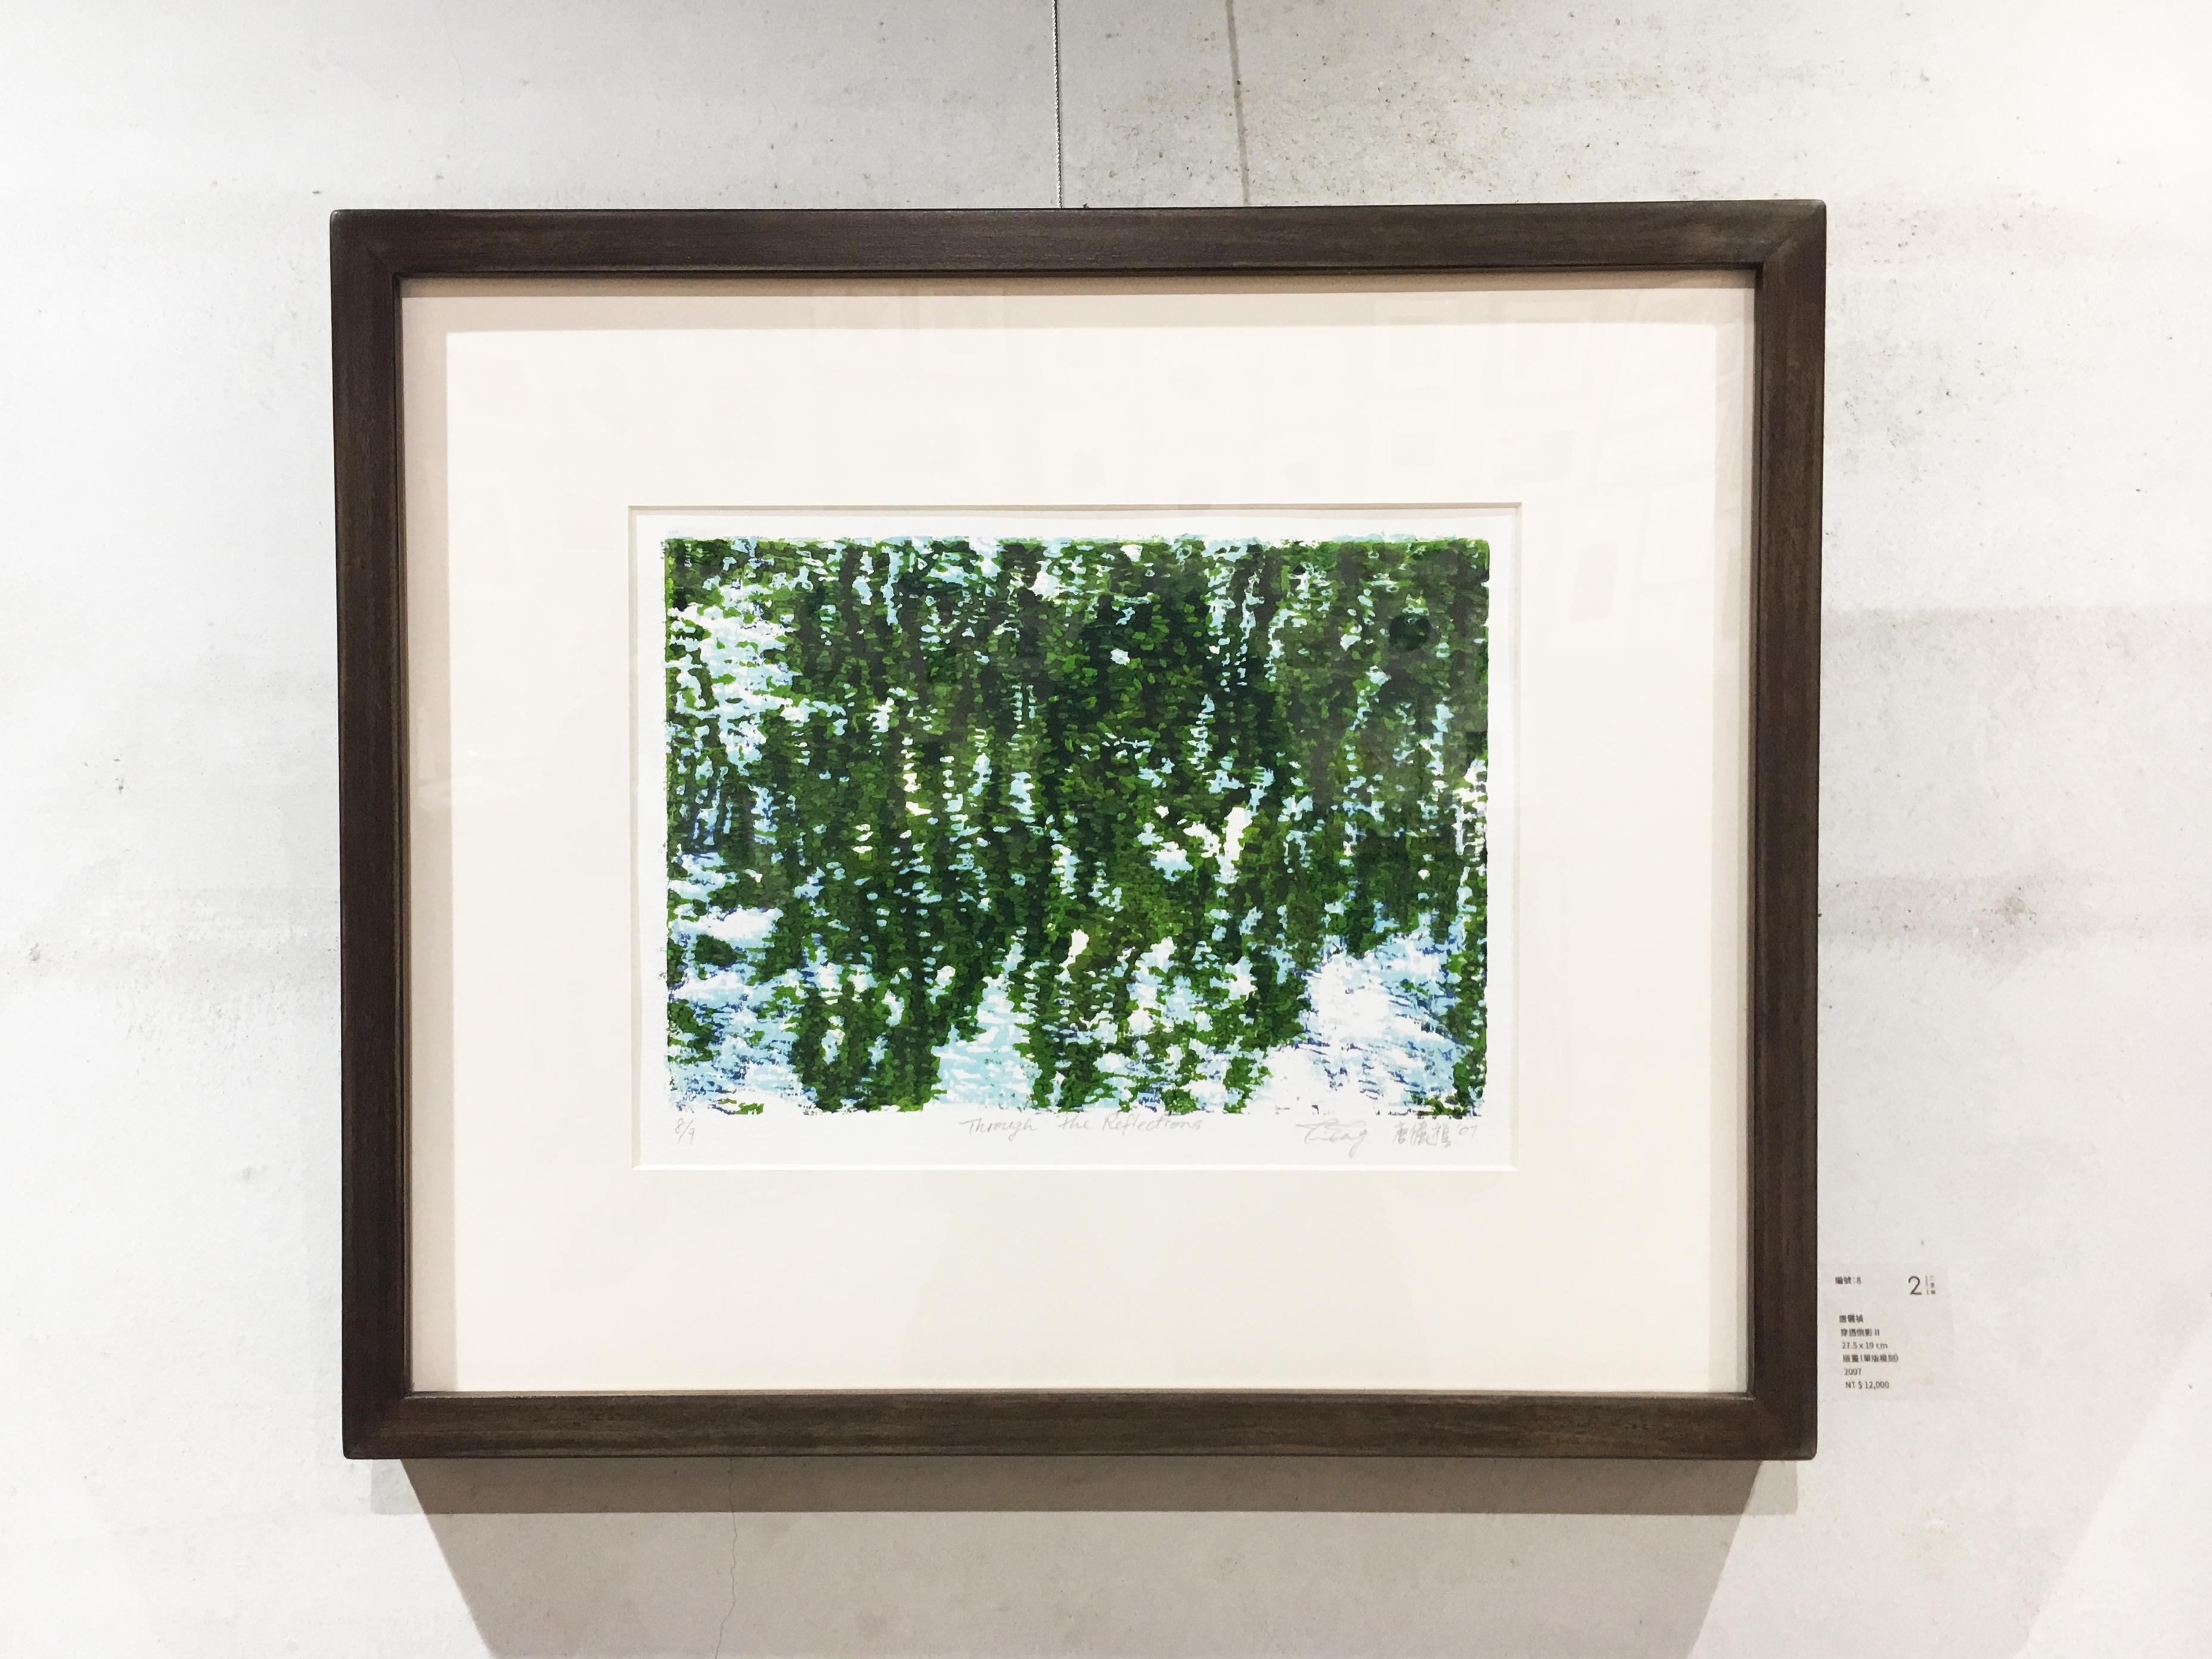 唐儷禎,《穿透倒影III》,27.5 X 19cm,版畫(單版複刻),2007。